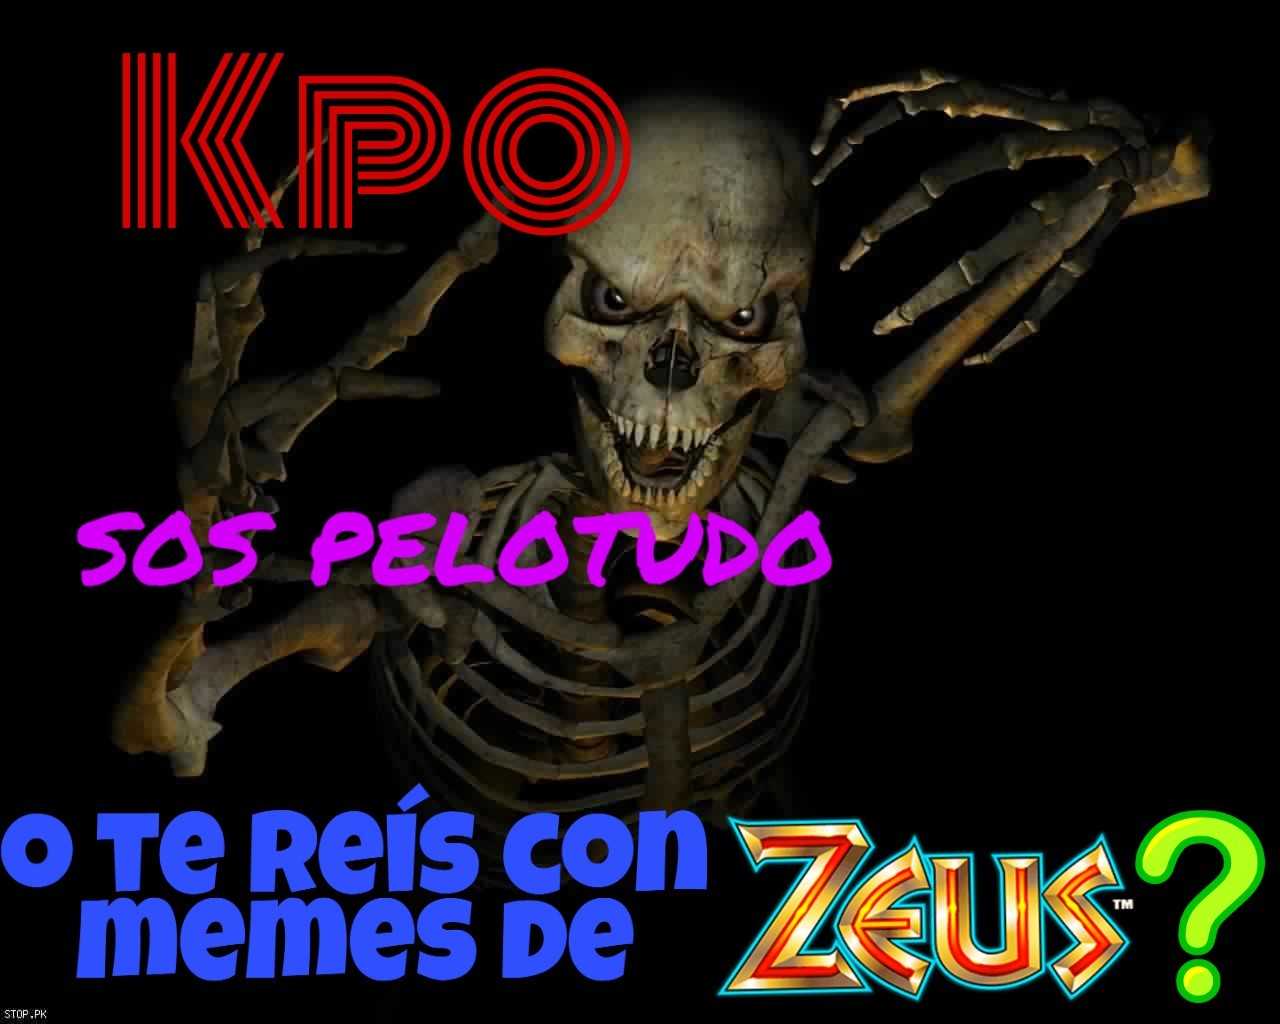 Los memes de Zeus son una poronga